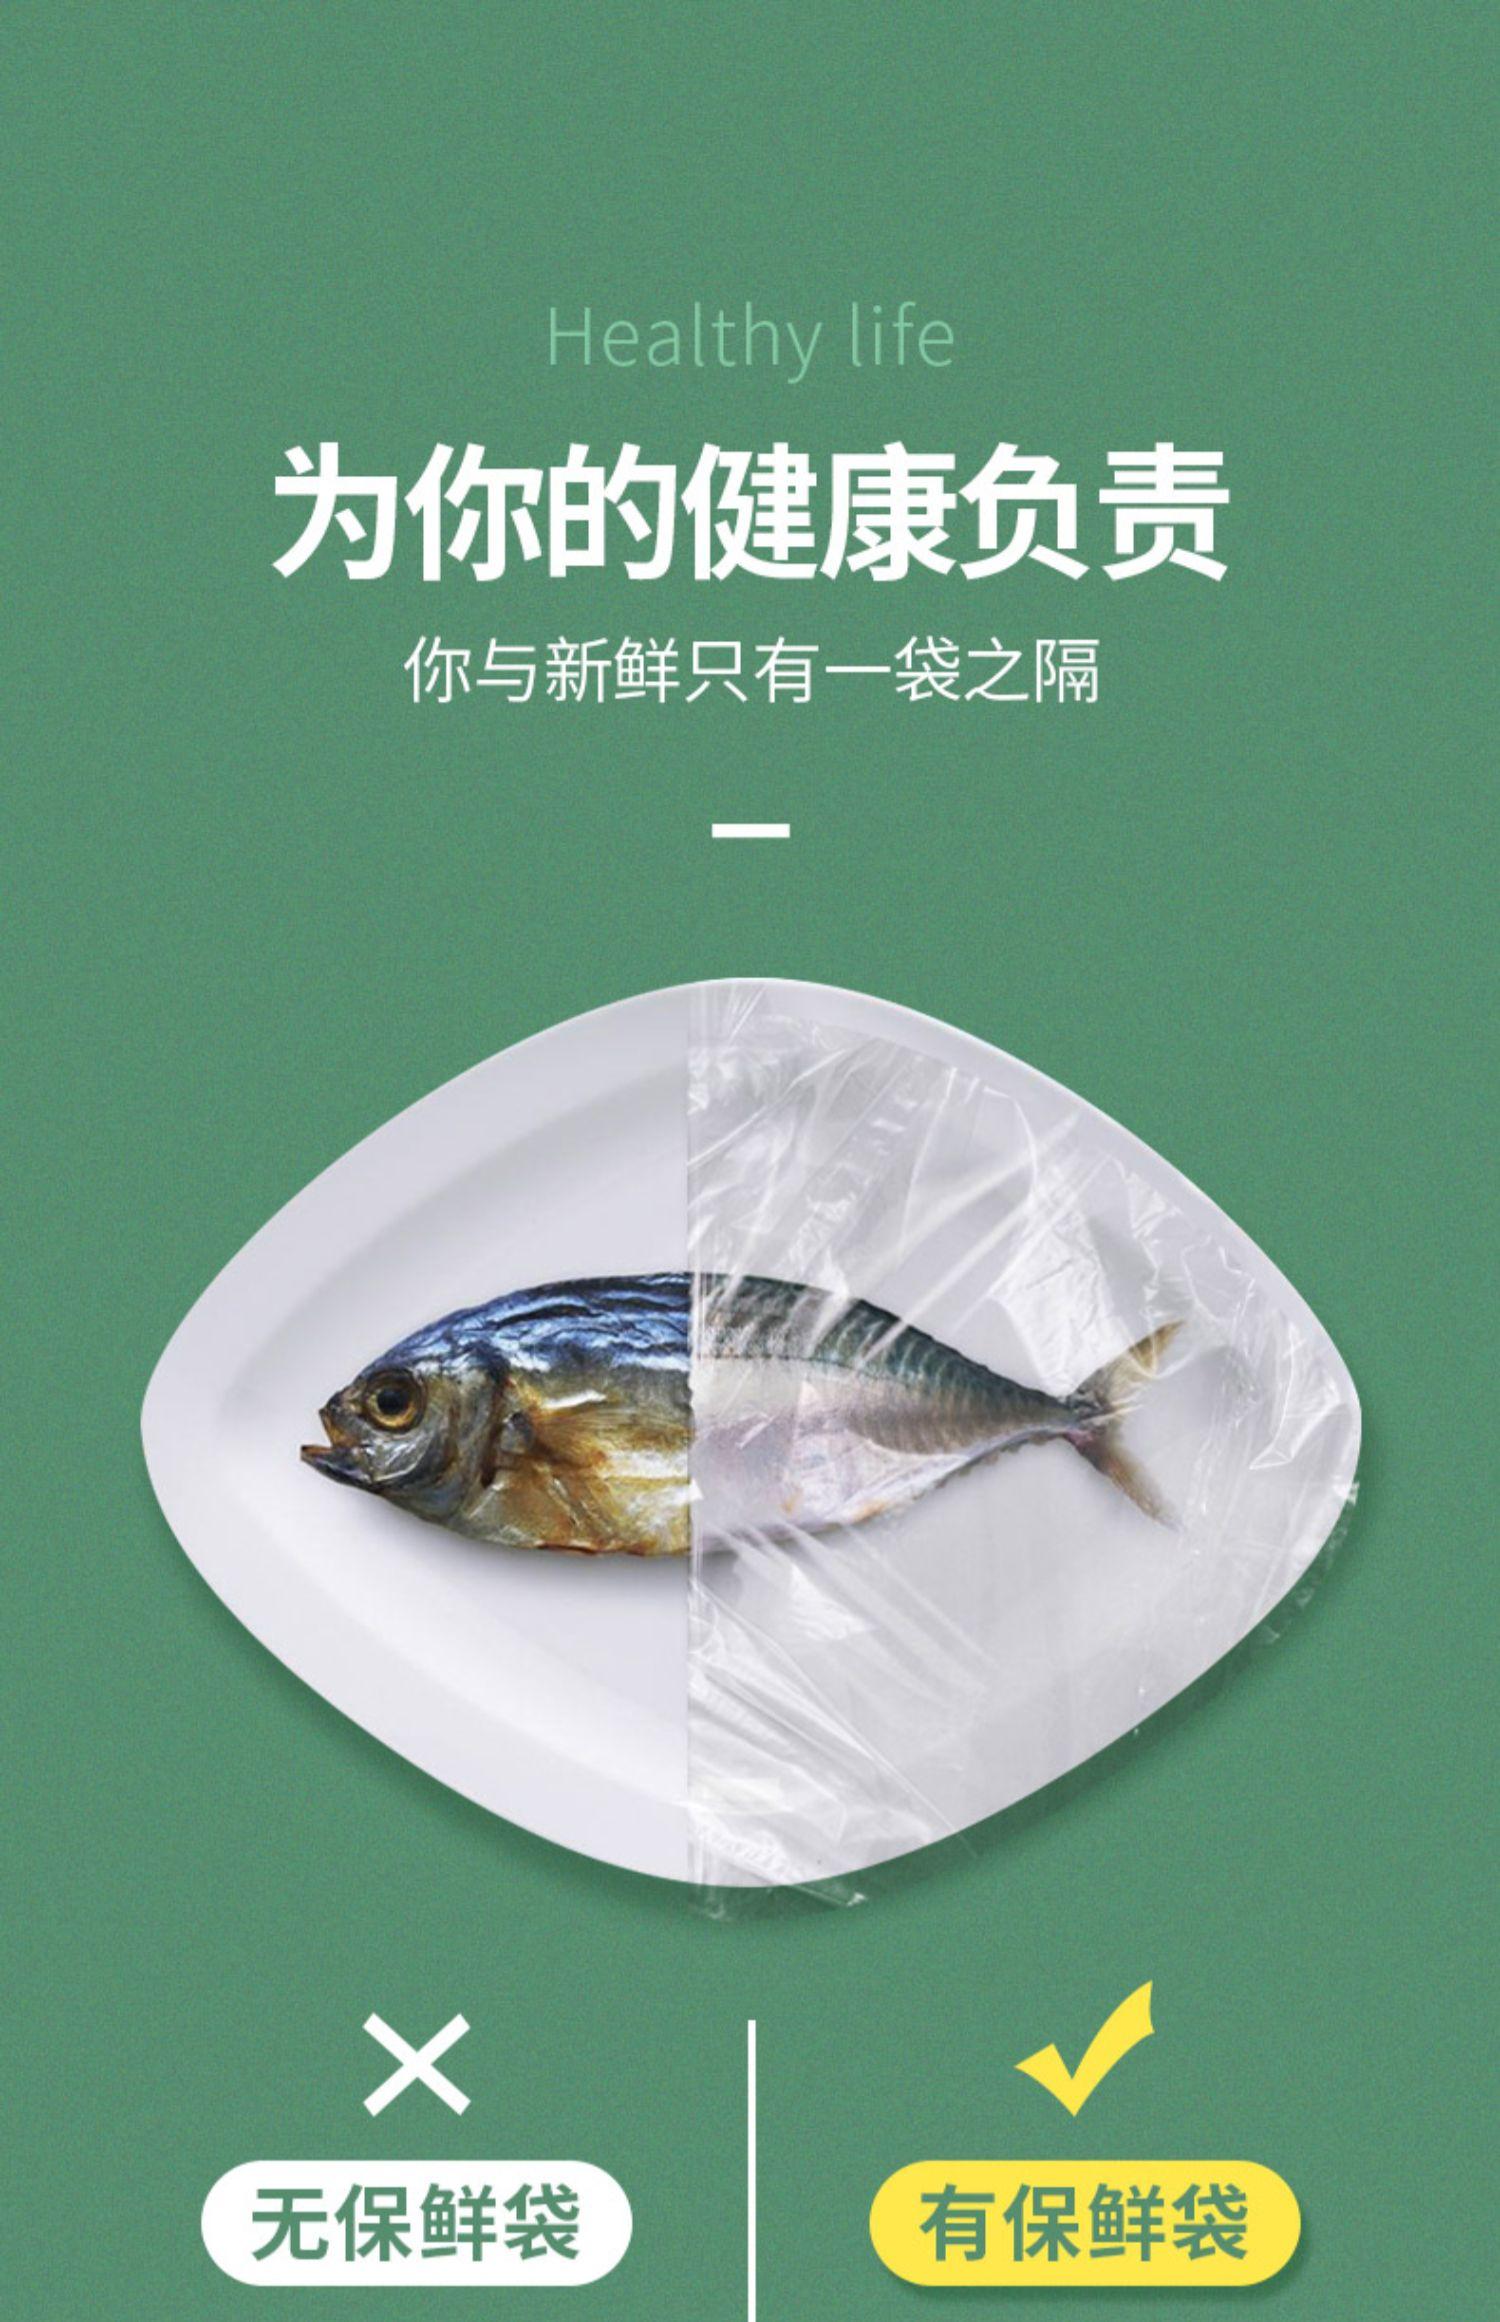 【100个】背心保鲜袋超市购物袋连卷